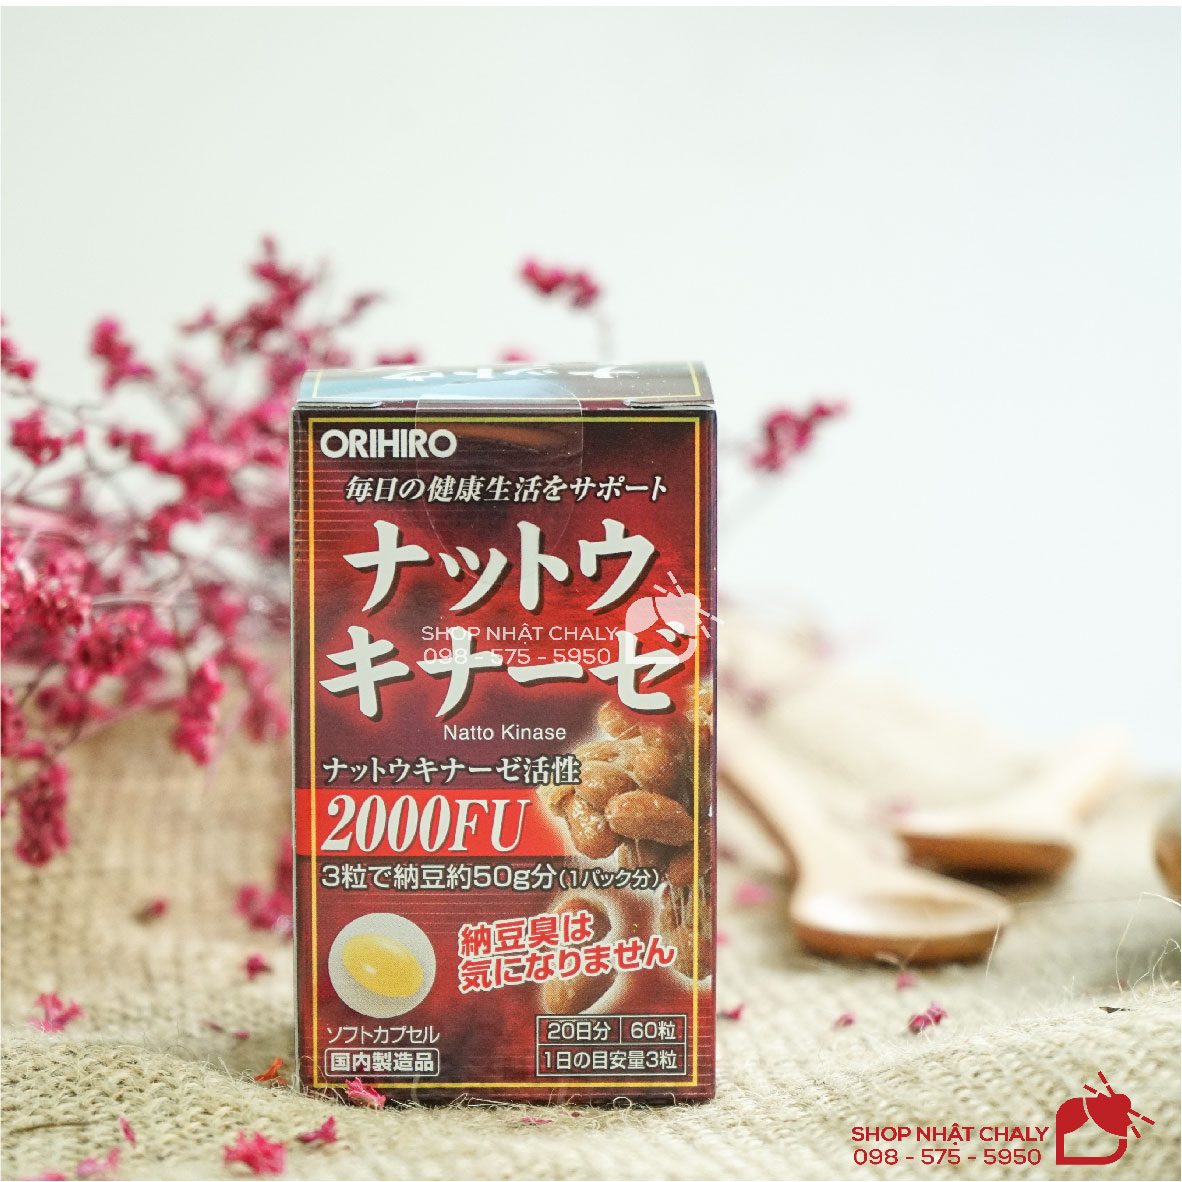 Thuốc nattokinase Nhật Bản cung cấp hàm lượng nattokinase 2000fu giúp chống đột quỵ và tai biến ở người lớn